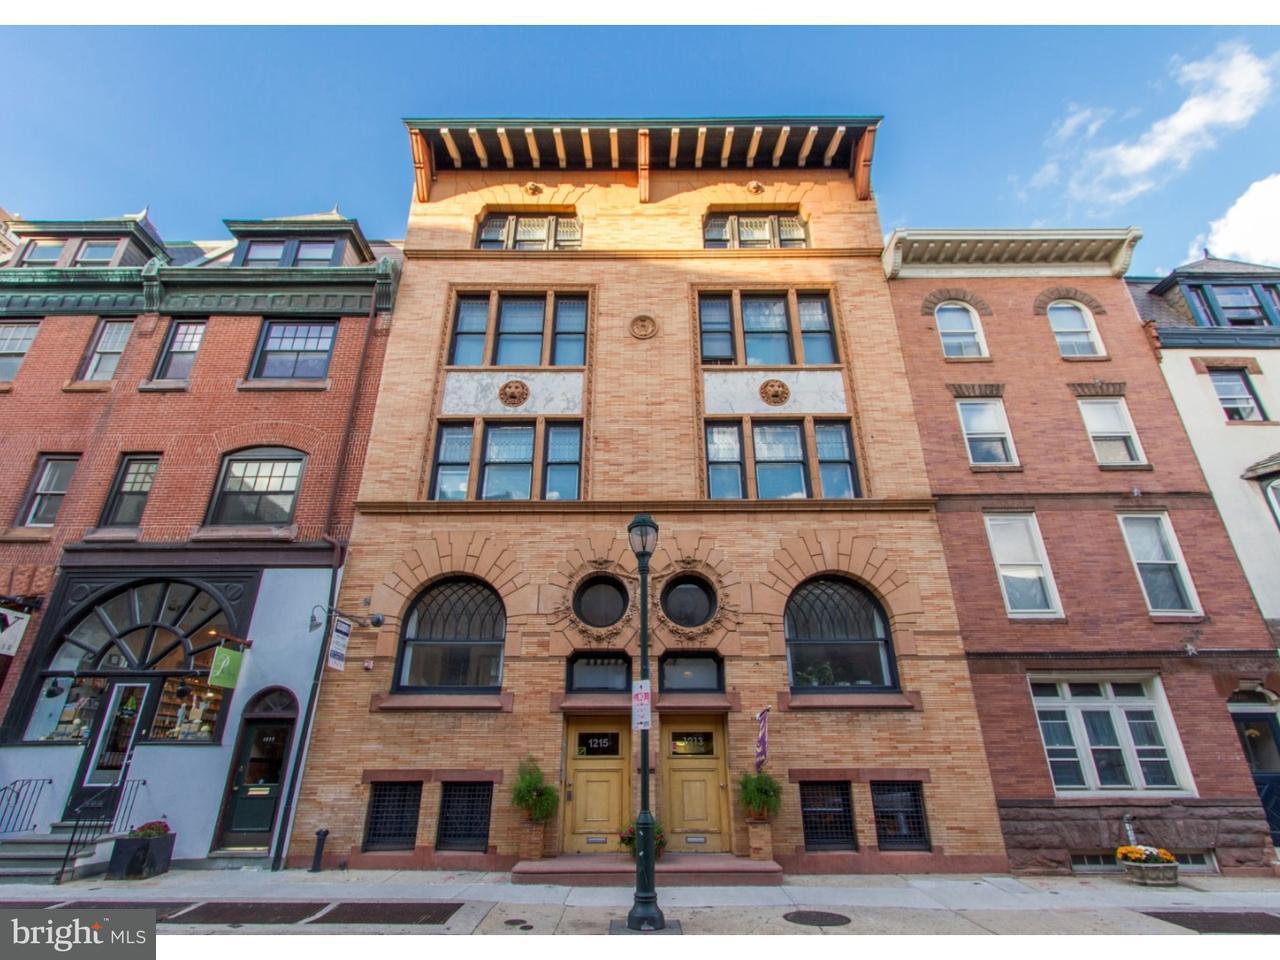 Maison unifamiliale pour l Vente à 1213-15 LOCUST ST #C Philadelphia, Pennsylvanie 19107 États-Unis